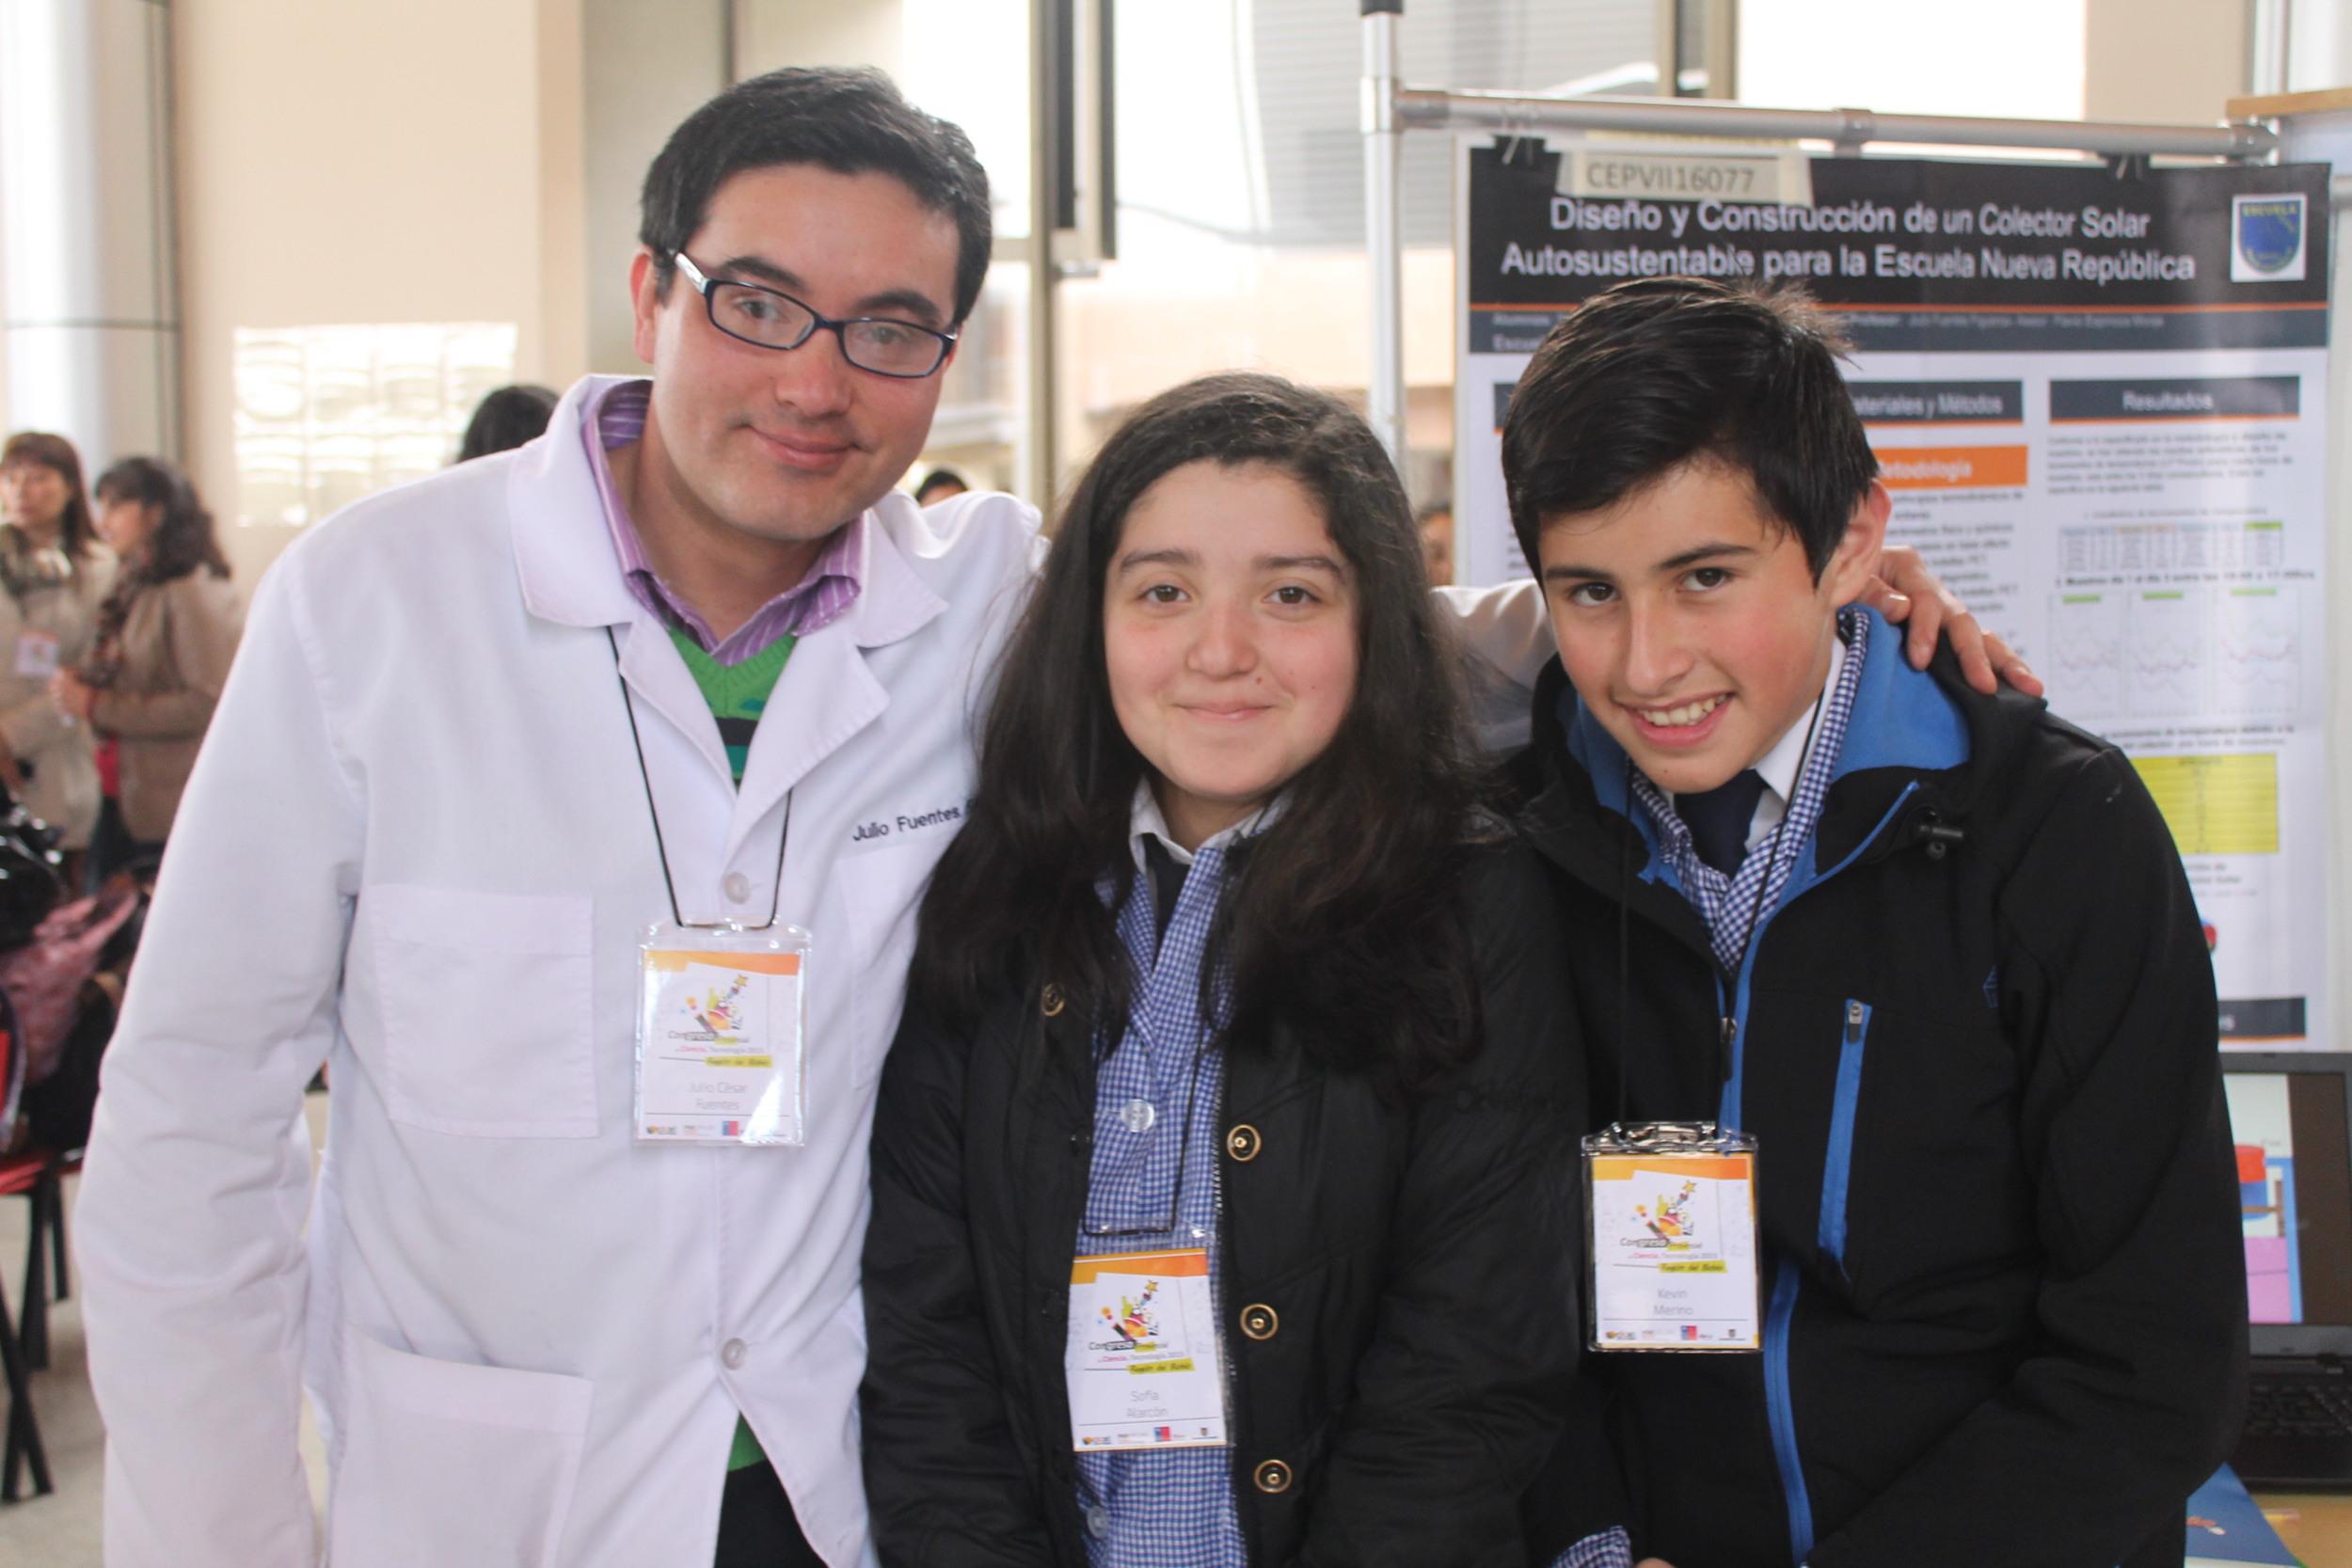 Prof. Julio César Fuentes Figueroa, Sofia Millaray Alarcón Quiroga, Kevin Esteban Merino Araneda, Escuela Nueva República .JPG